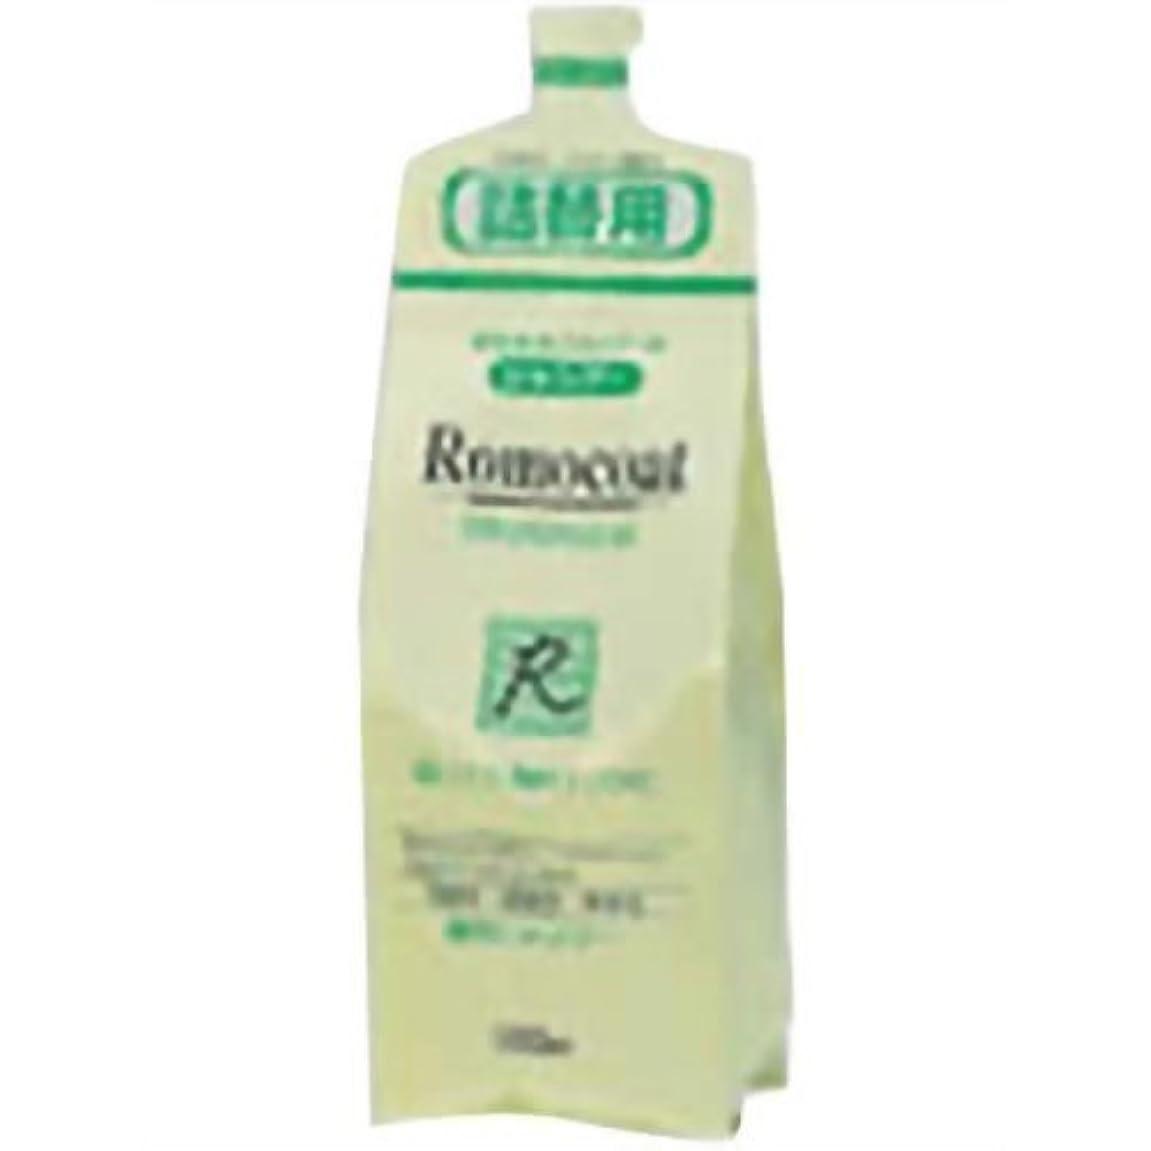 【3個】ロモコートシャンプーM 詰替え500mlx3個 (4987305040336-3)